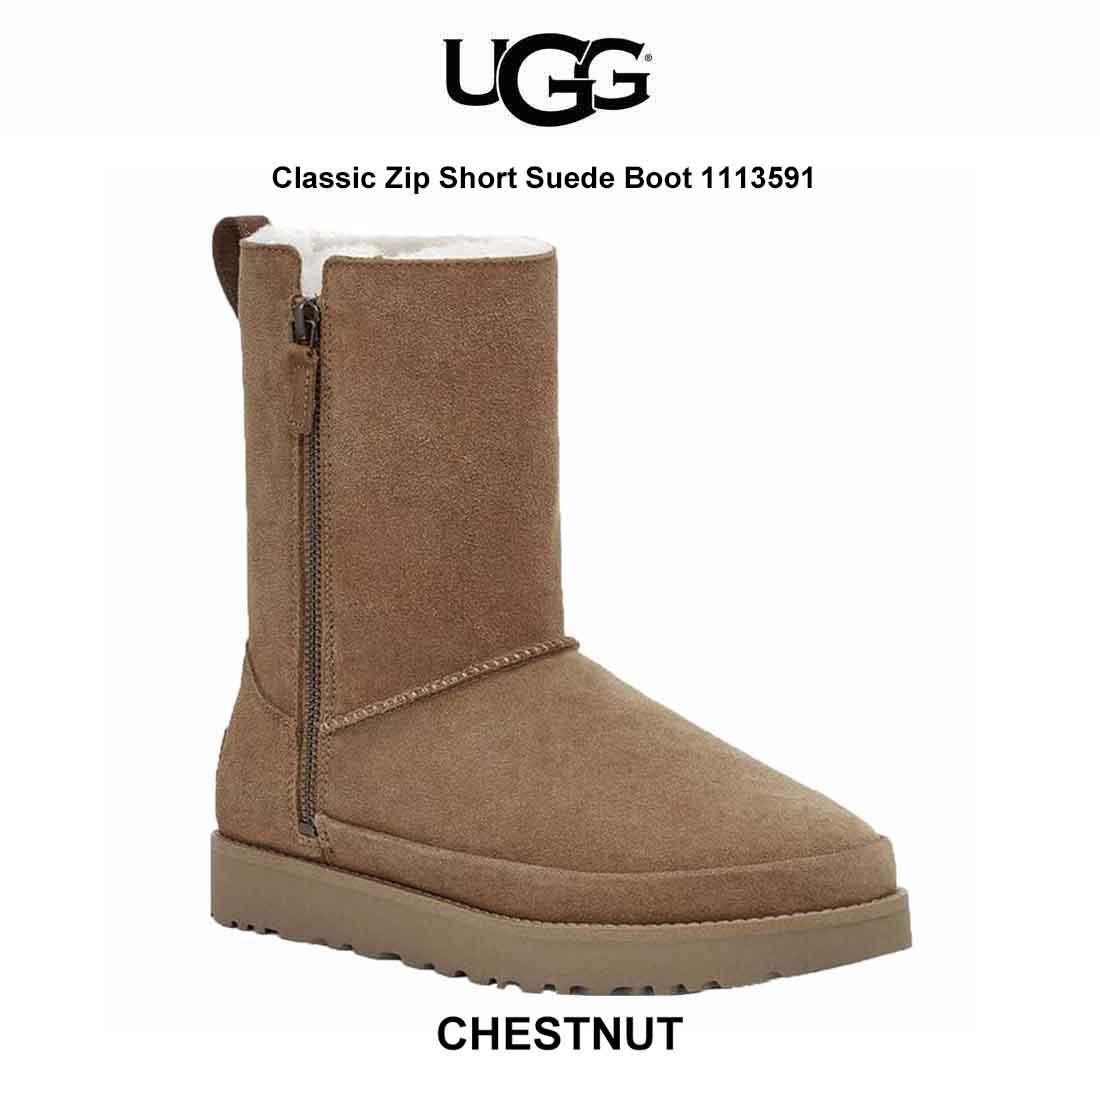 送料無料 並行輸入品 UGG(アグ)レディース ムートン ブーツ Classic Zip Short Suede Boot 1113591